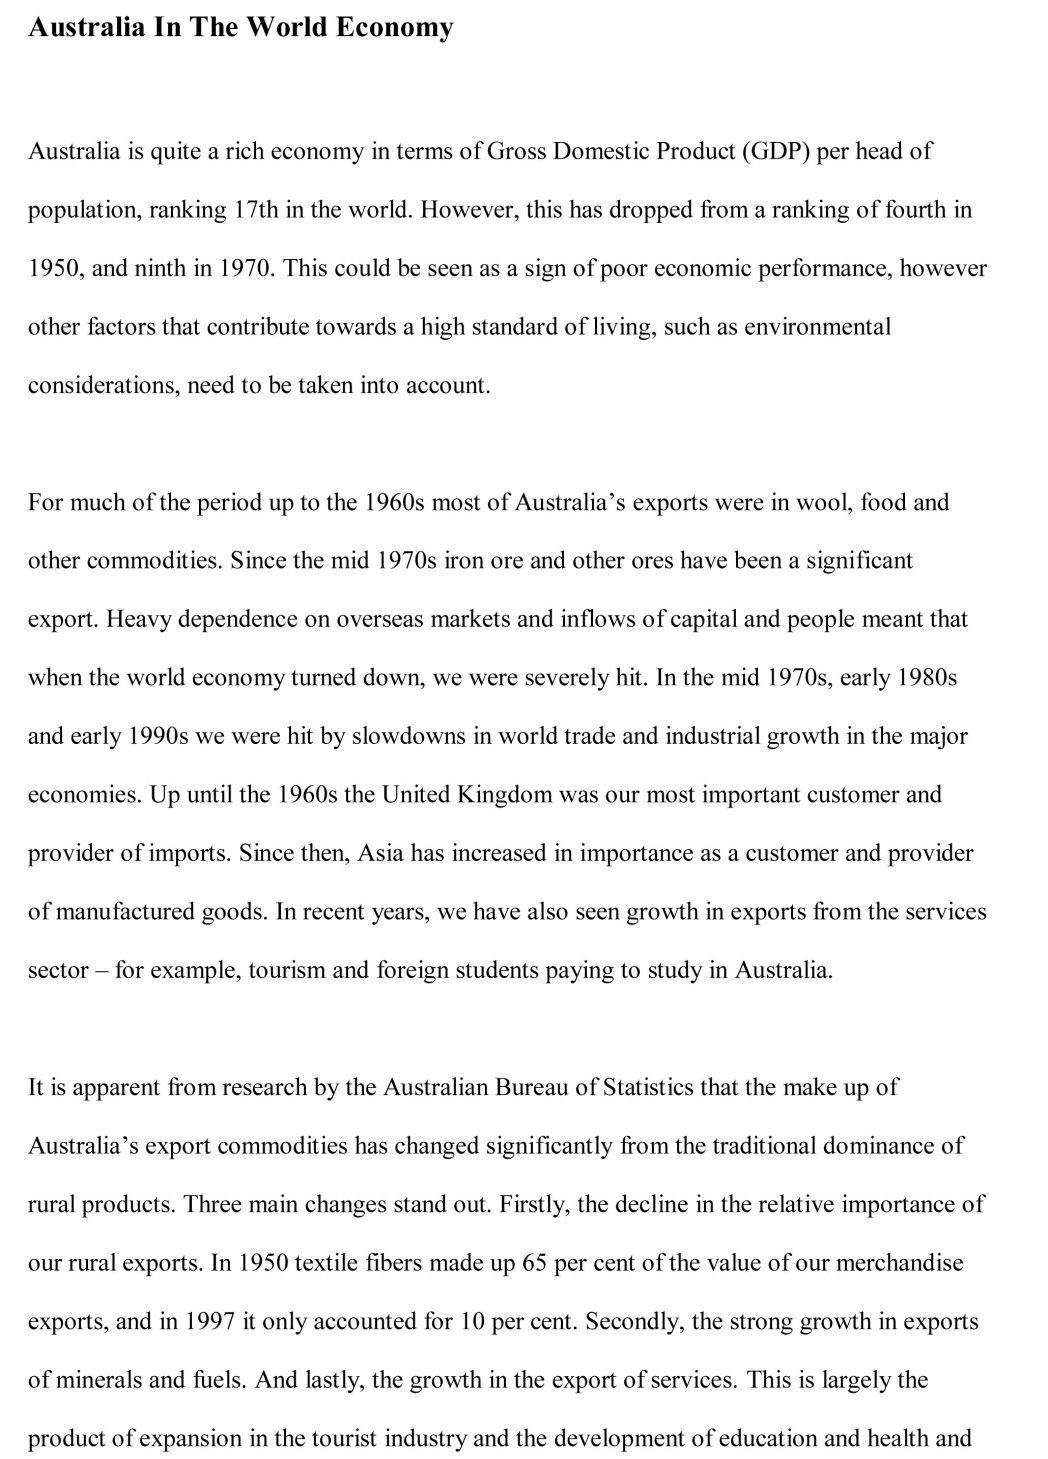 001 Essay Example Ethnographic Economic Sample How To